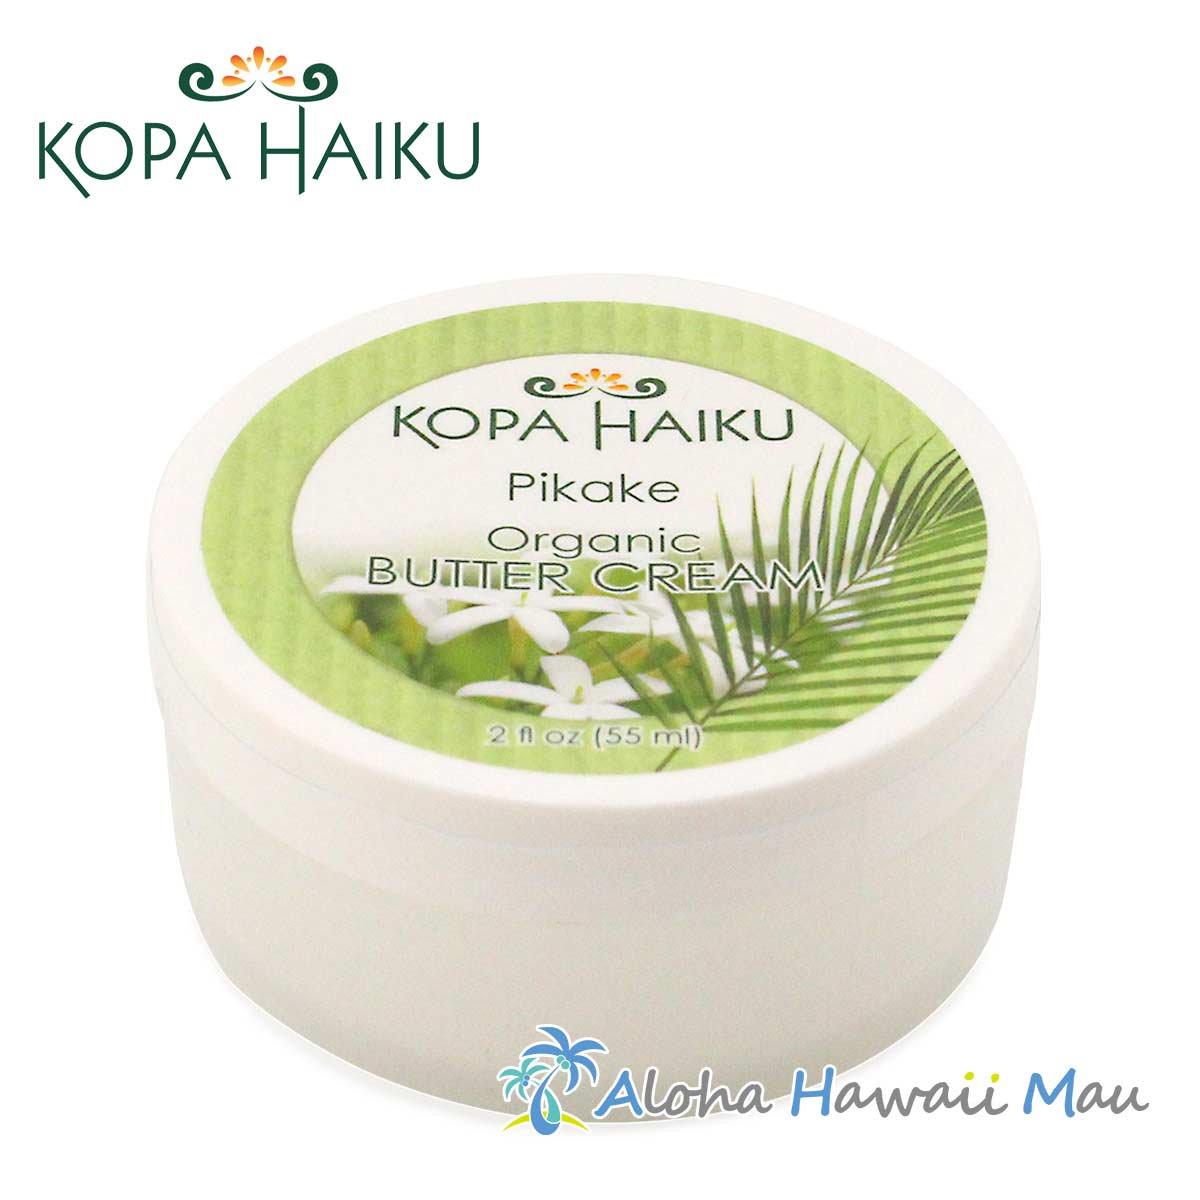 コパハイクバタークリーム ピカケ